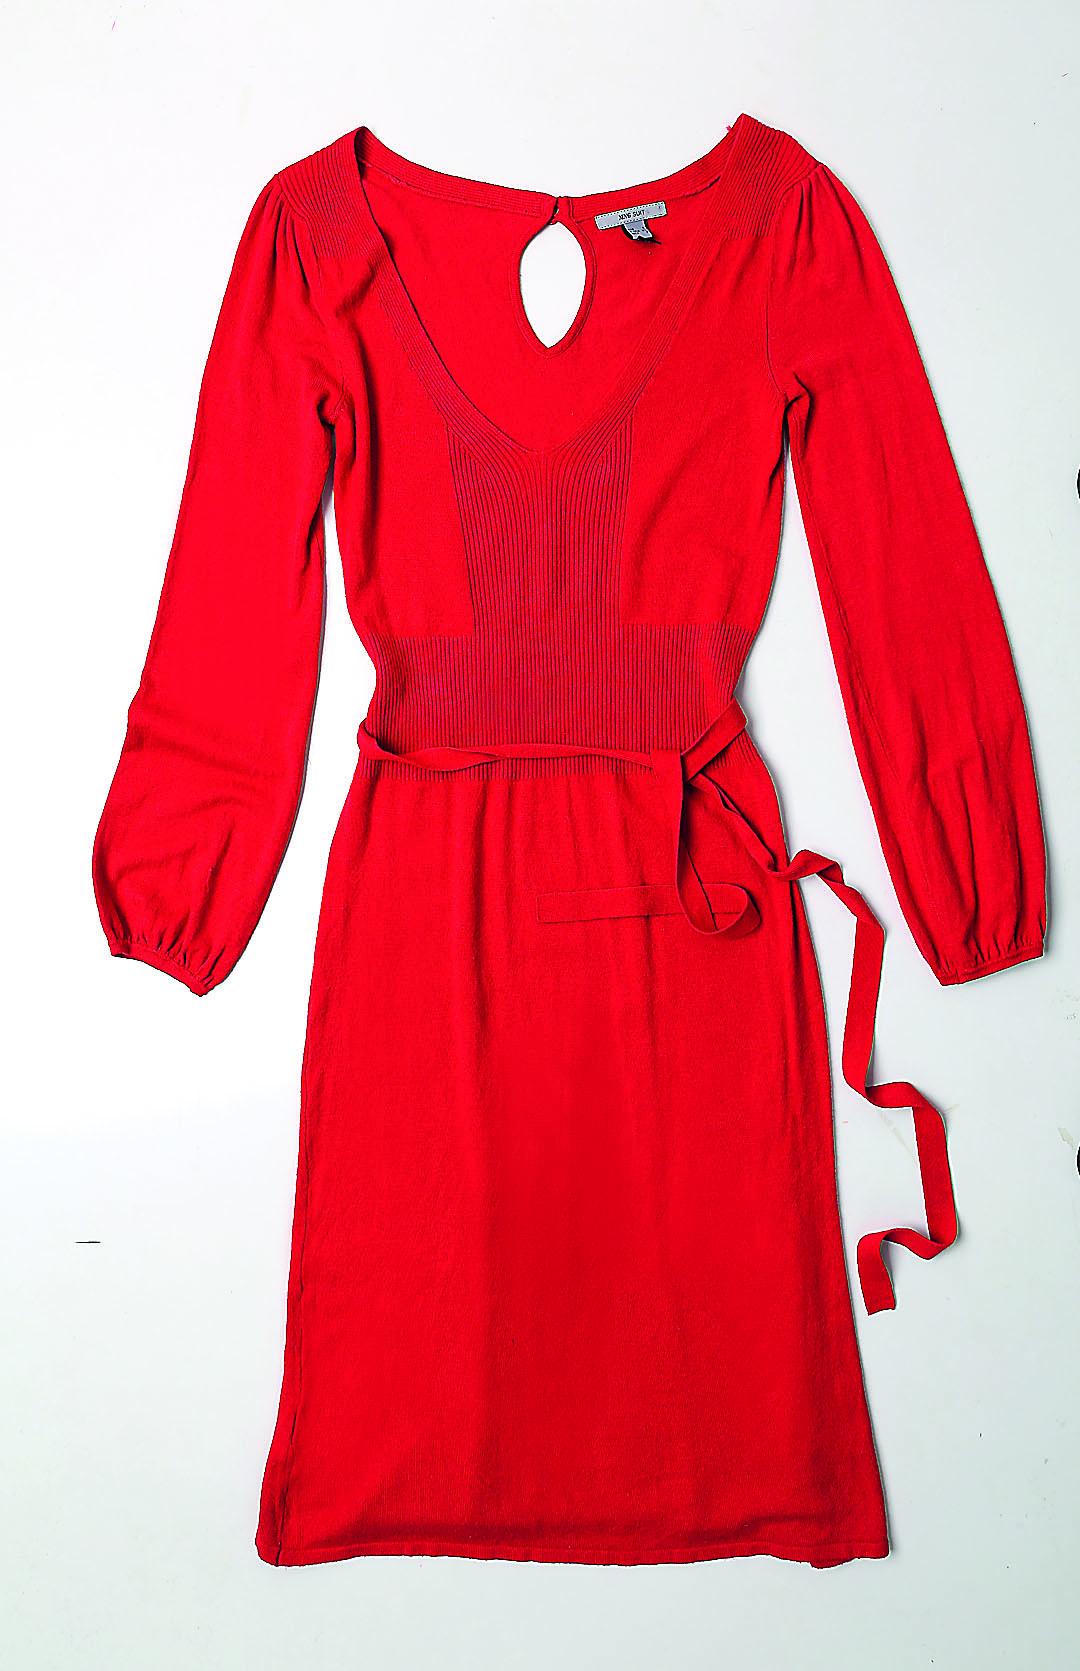 Sarkana kleita. Ļoti kvalitatīva, mīksta trikotāža, sievišķīgi piekļaujas augumam.  7 eiro, Humana.